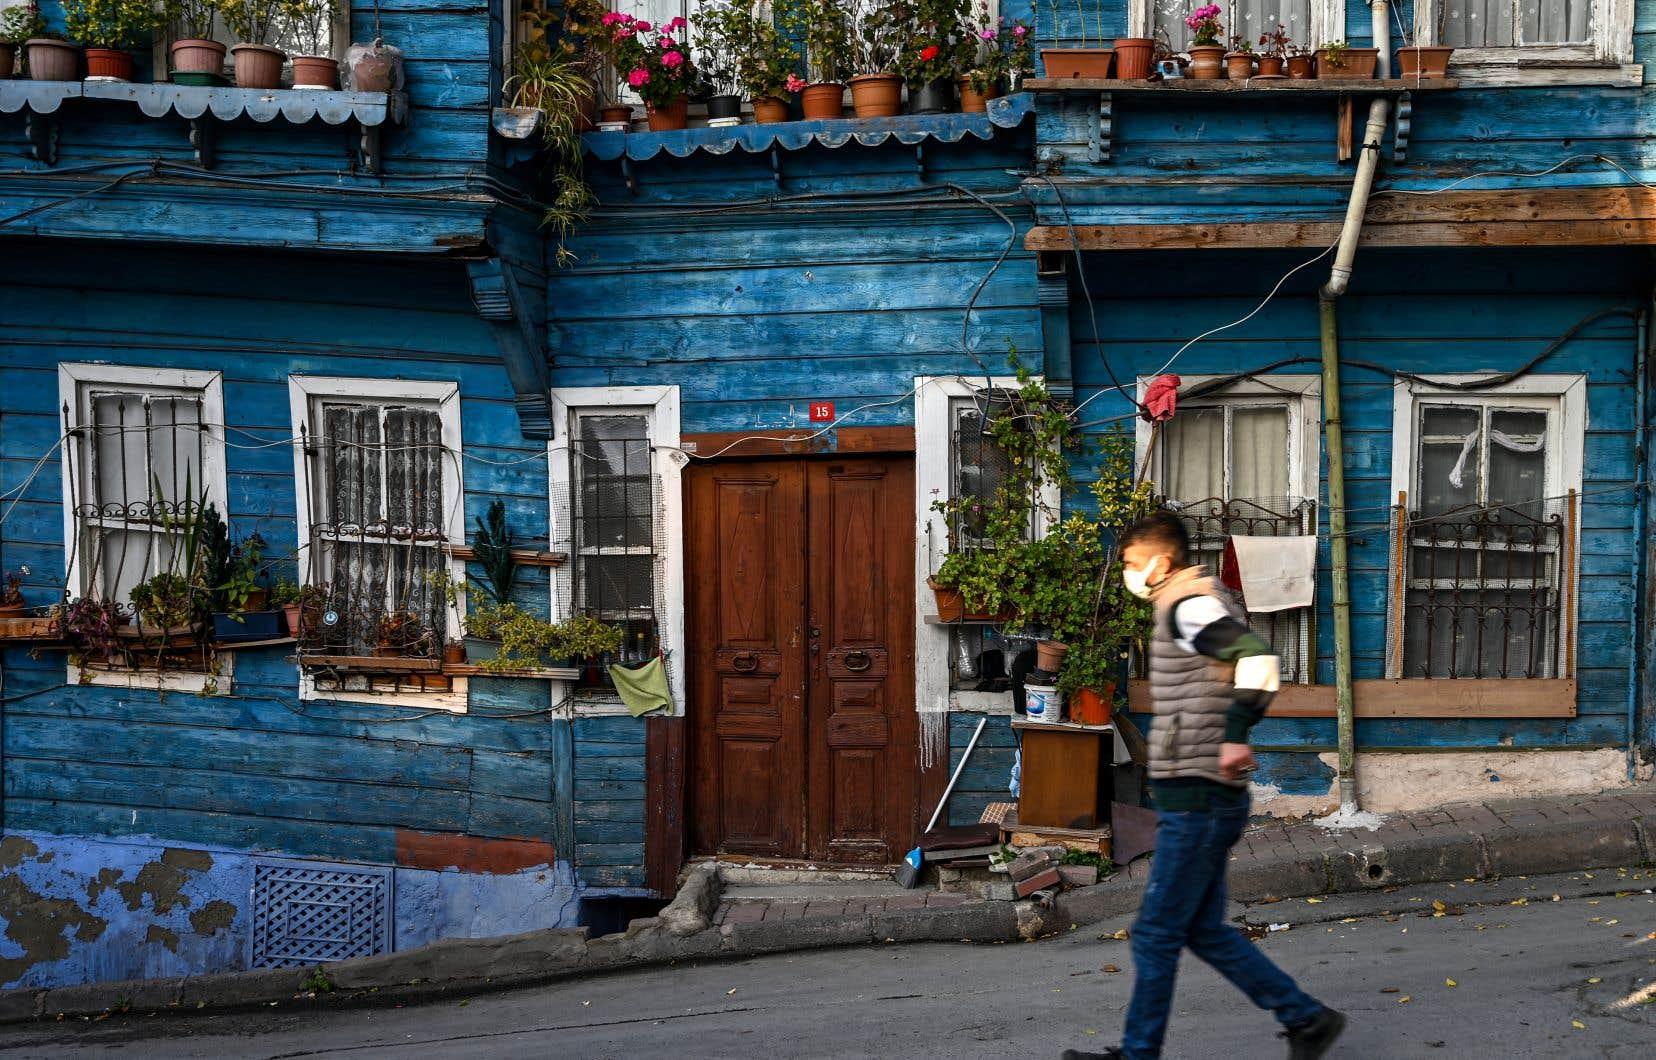 Confrontée à une flambée des cas de COVID-19, la Turquie a renforcé fin novembre les restrictions en place avec l'introduction d'un couvre-feu total pendant le week-end et partiel en semaine.